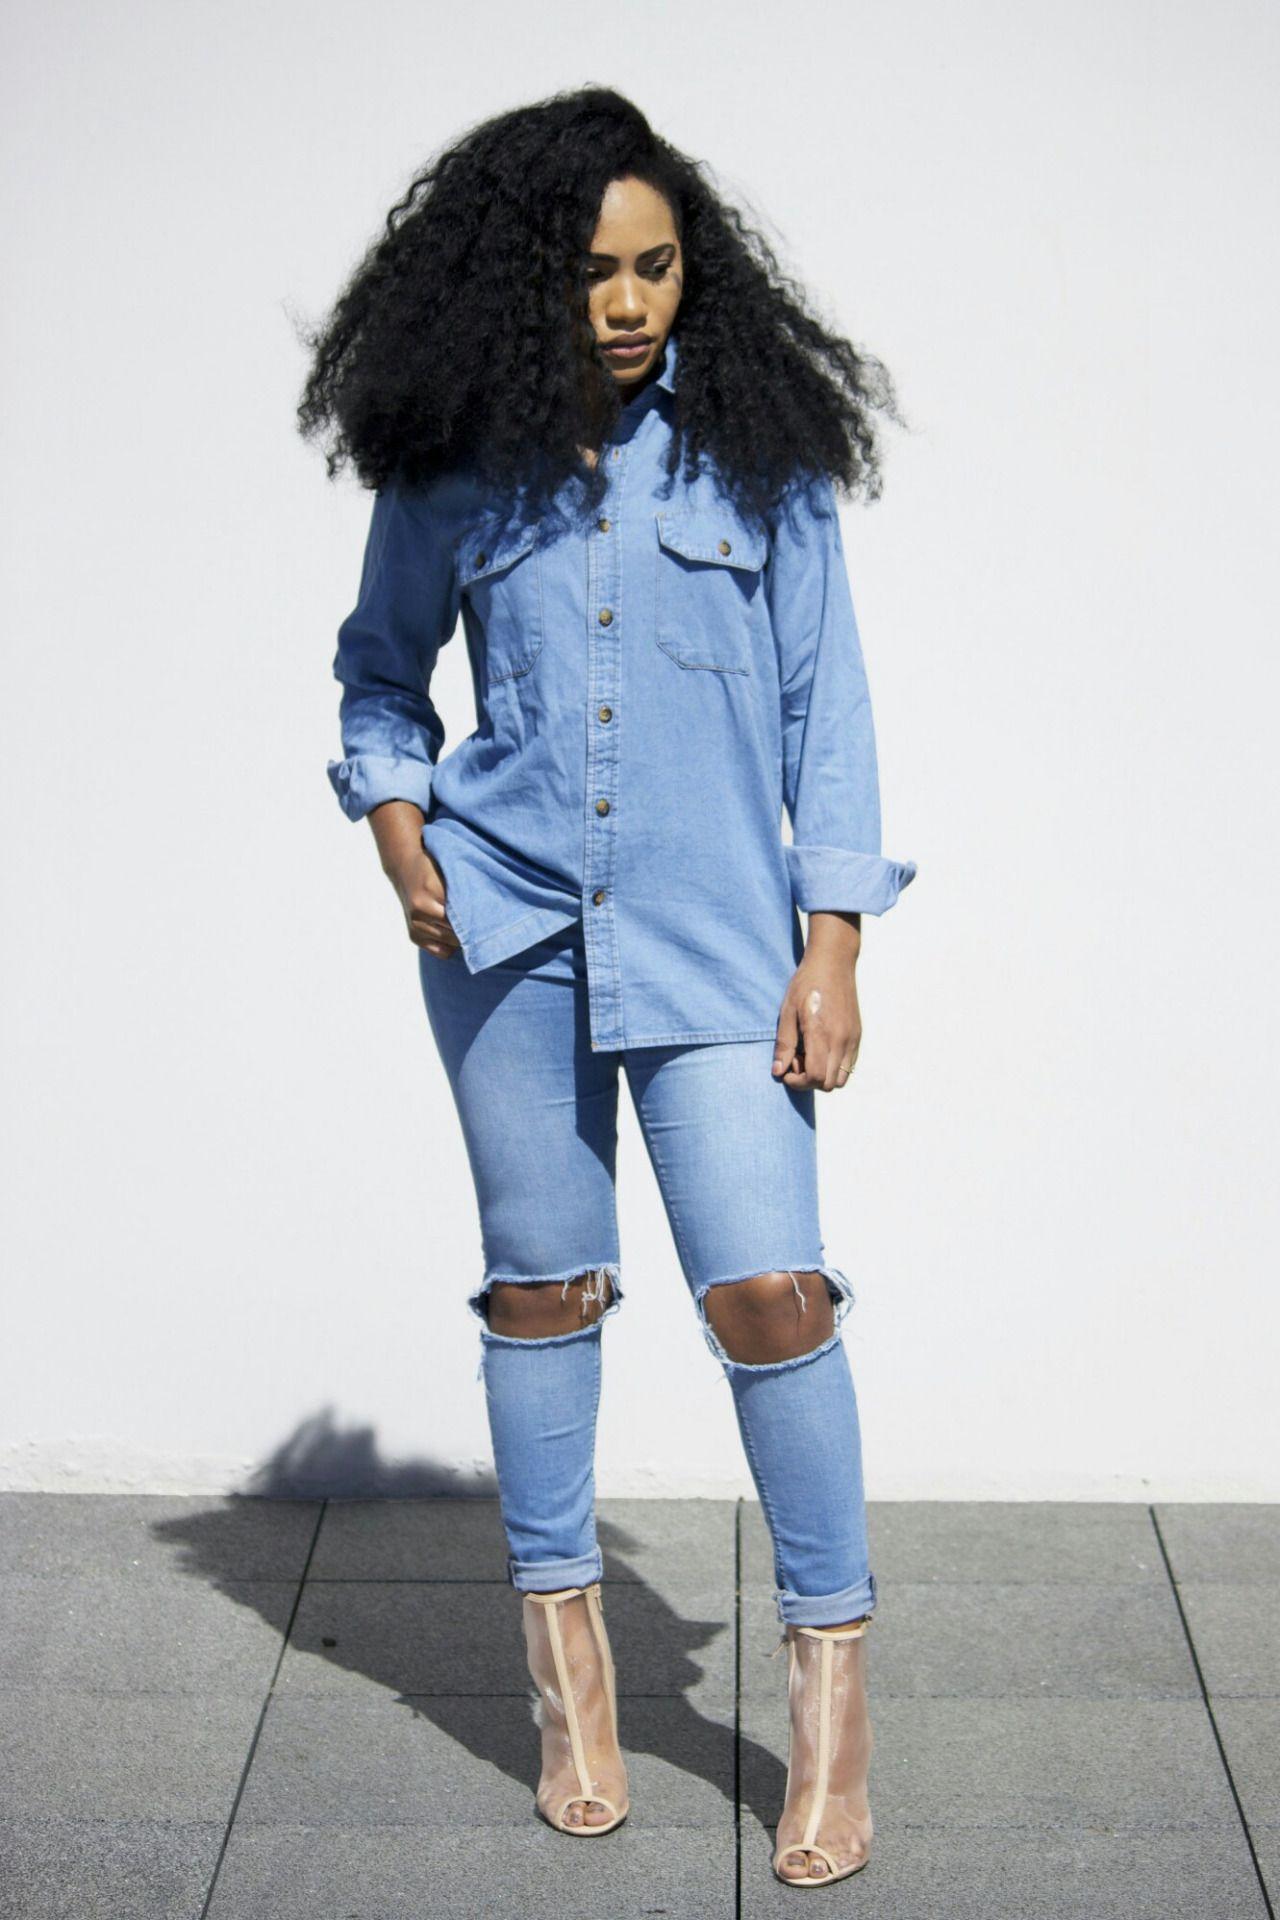 """Résultat de recherche d'images pour """"black girl jeans pocket tumblr"""""""